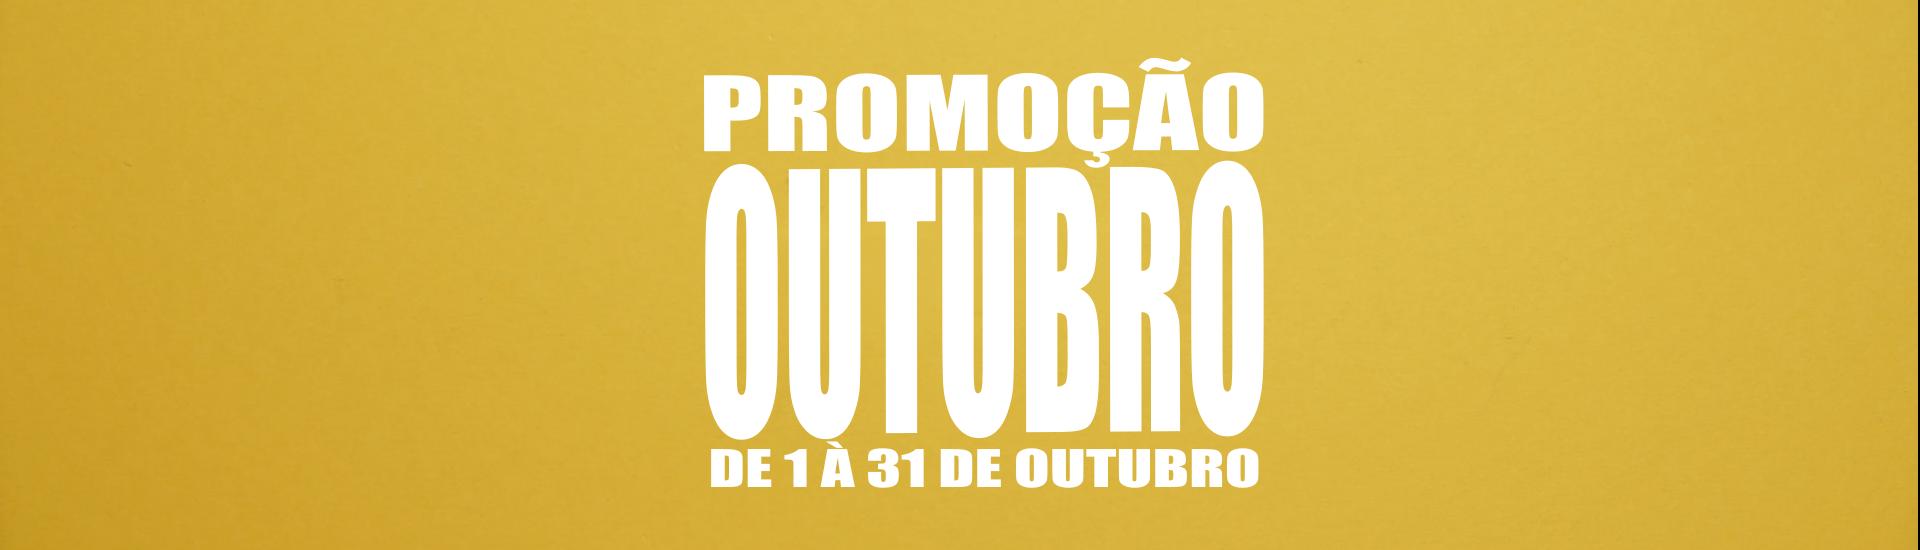 PROMO_OUTUBRO